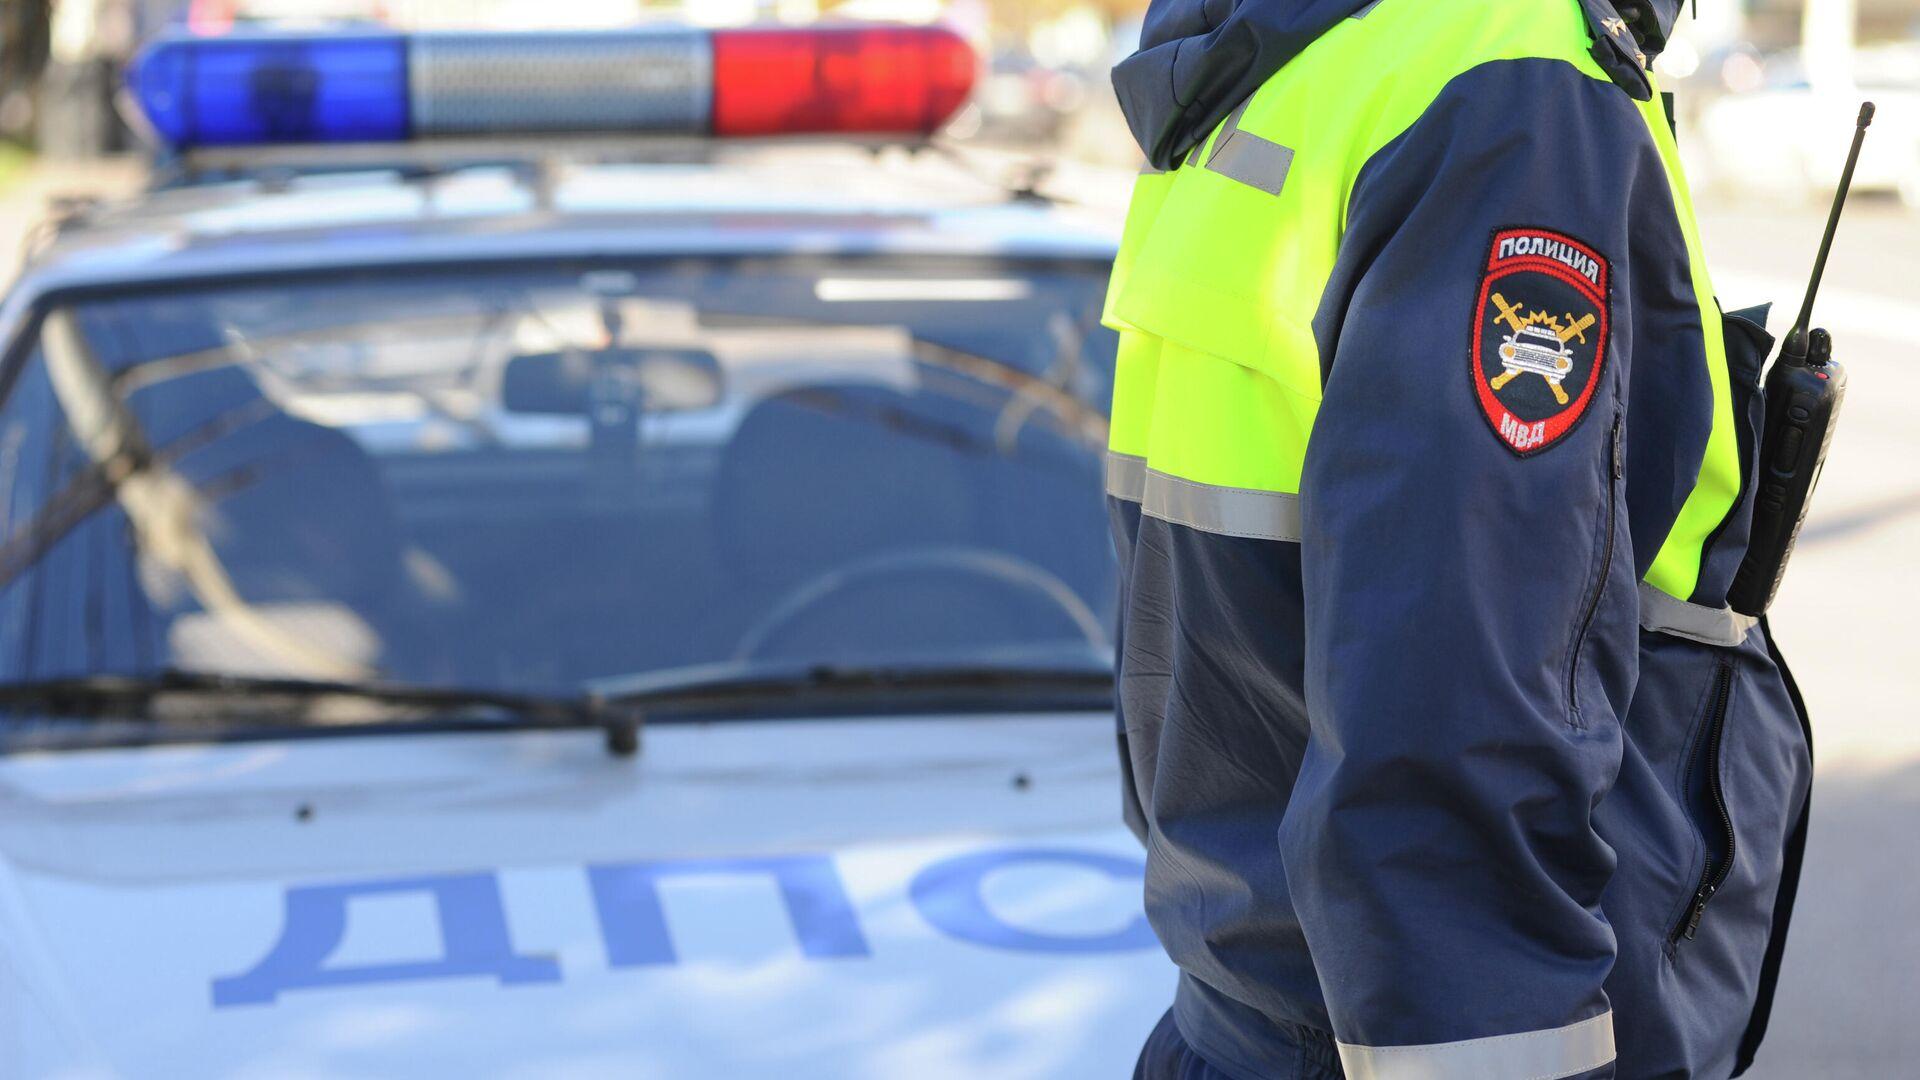 Жительница Саратова попыталась зарезать инспектора ДПС